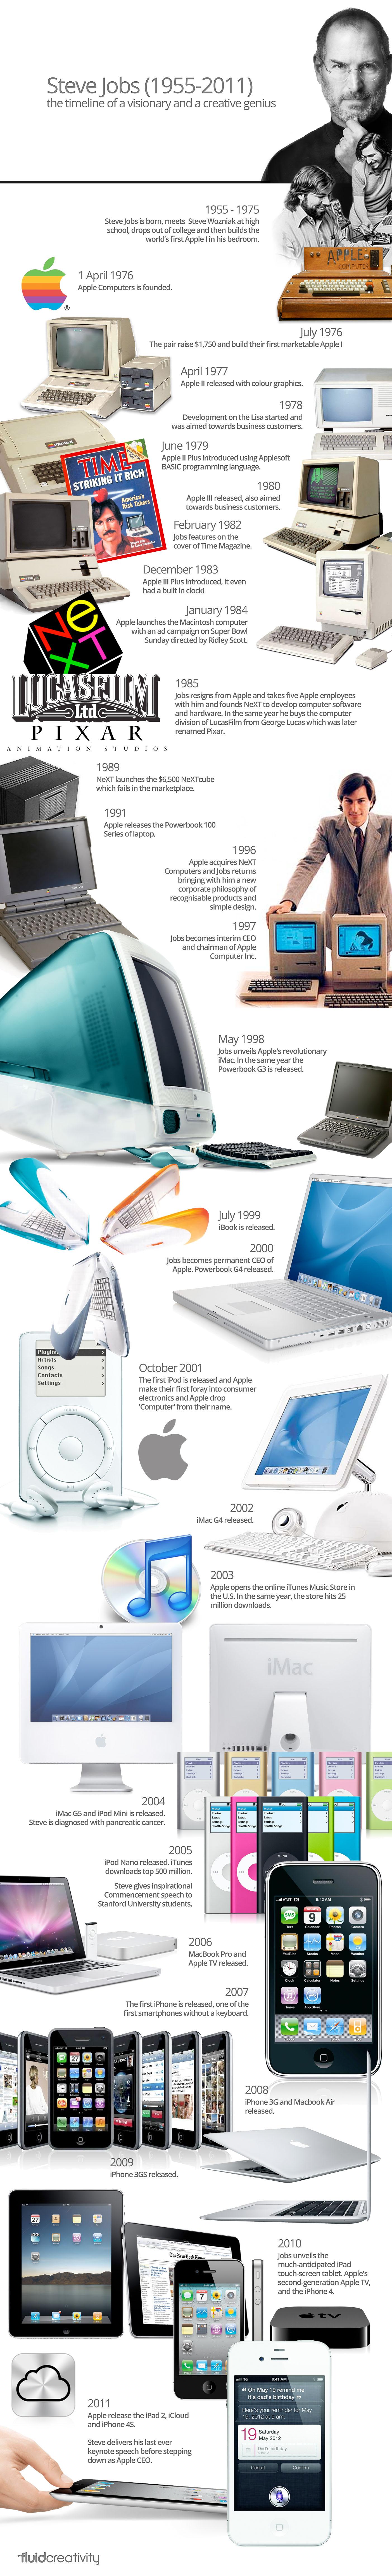 インフォグラフィック:Apple創業者スティーブ・ジョブズの歴史。革新的な製品を時系列で振り返る